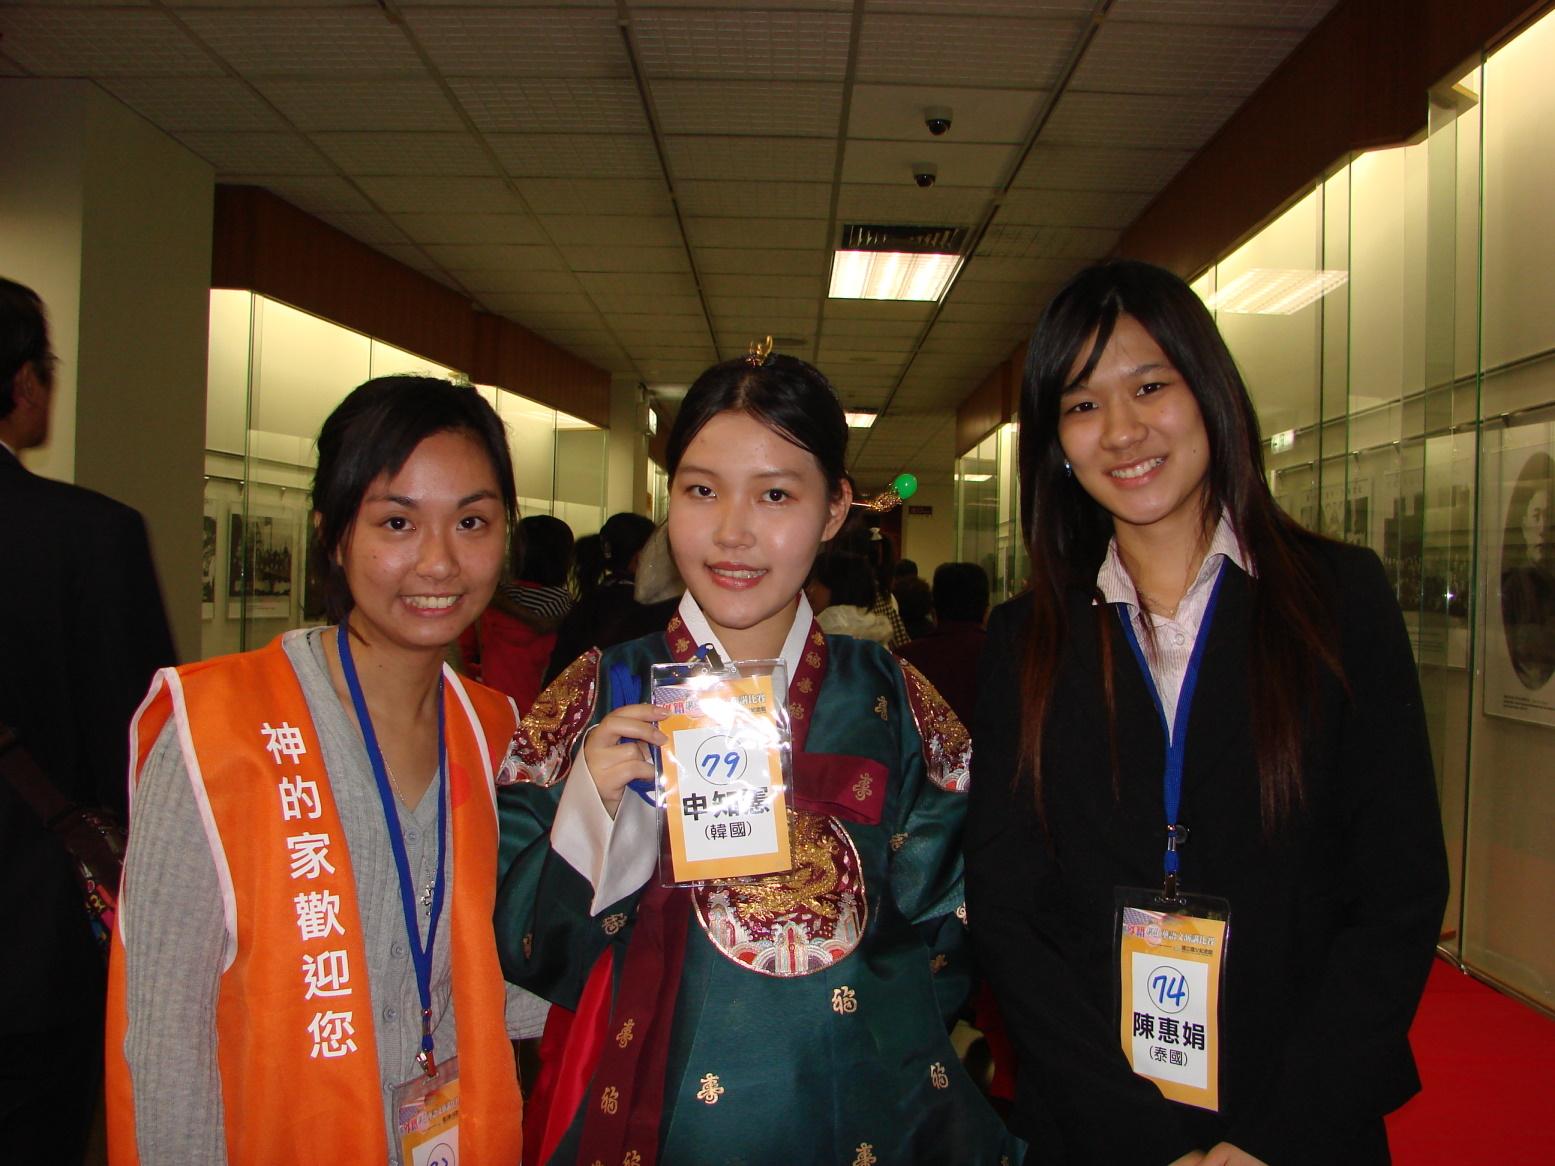 外籍學生華語文演講比賽 本校國際學生吳玉燕榮獲評審獎